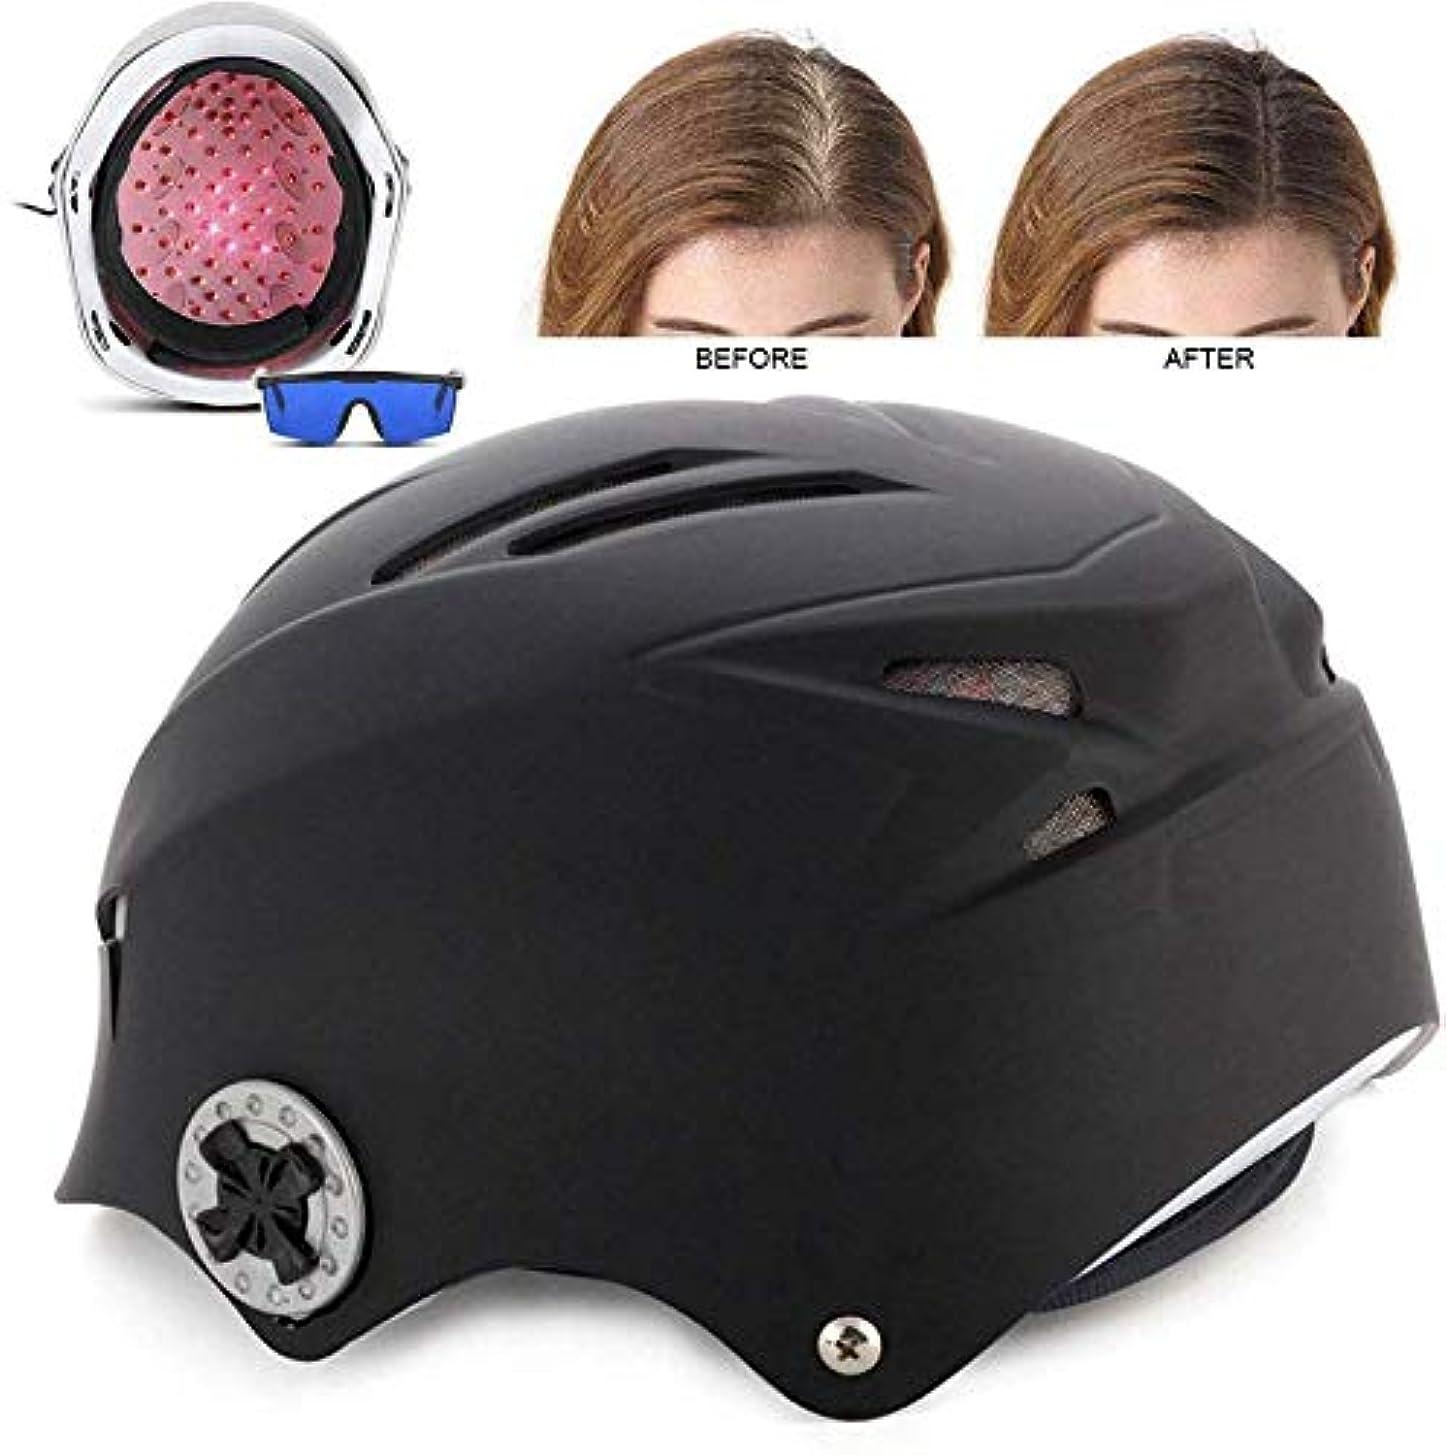 論争的汚染オープニング育毛ヘルメット、64ダイオードメディカルグレードの髪の再成長キャップ、抜け毛の問題を解決するための発毛、赤外線治療髪の成長を促進ハット